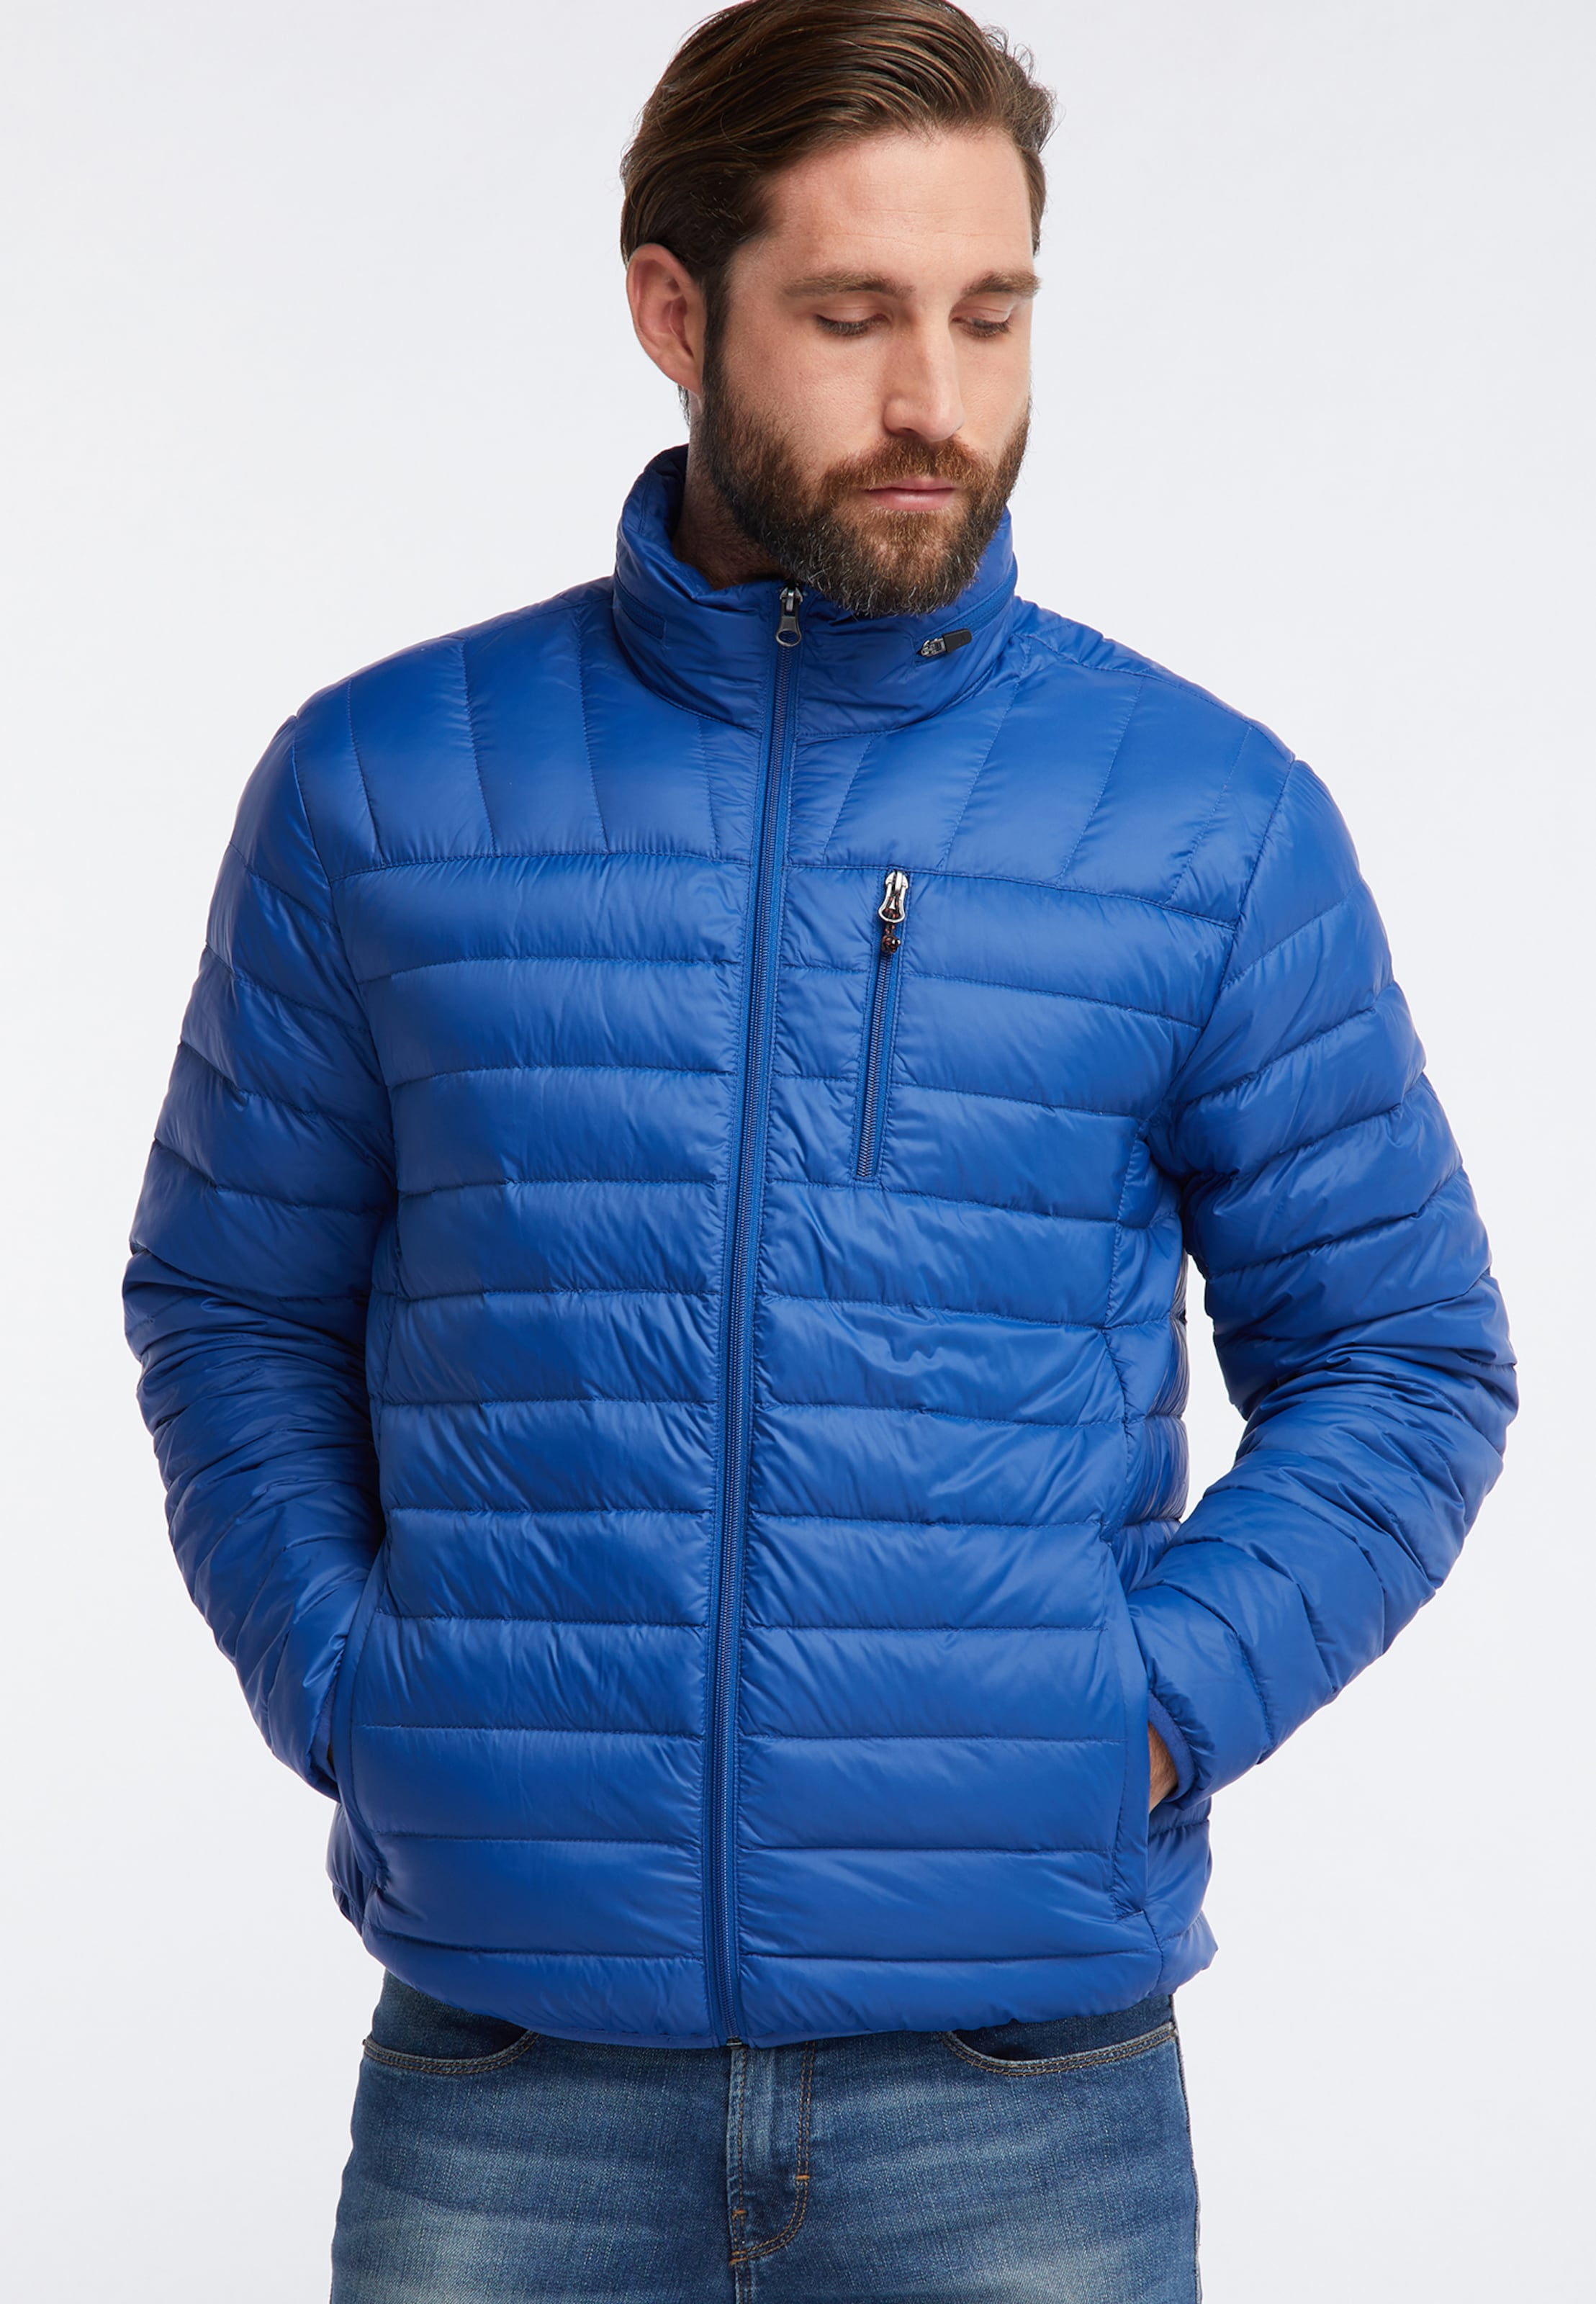 Co Bleu En D'hiver Hawkeamp; Veste rtdhsQ